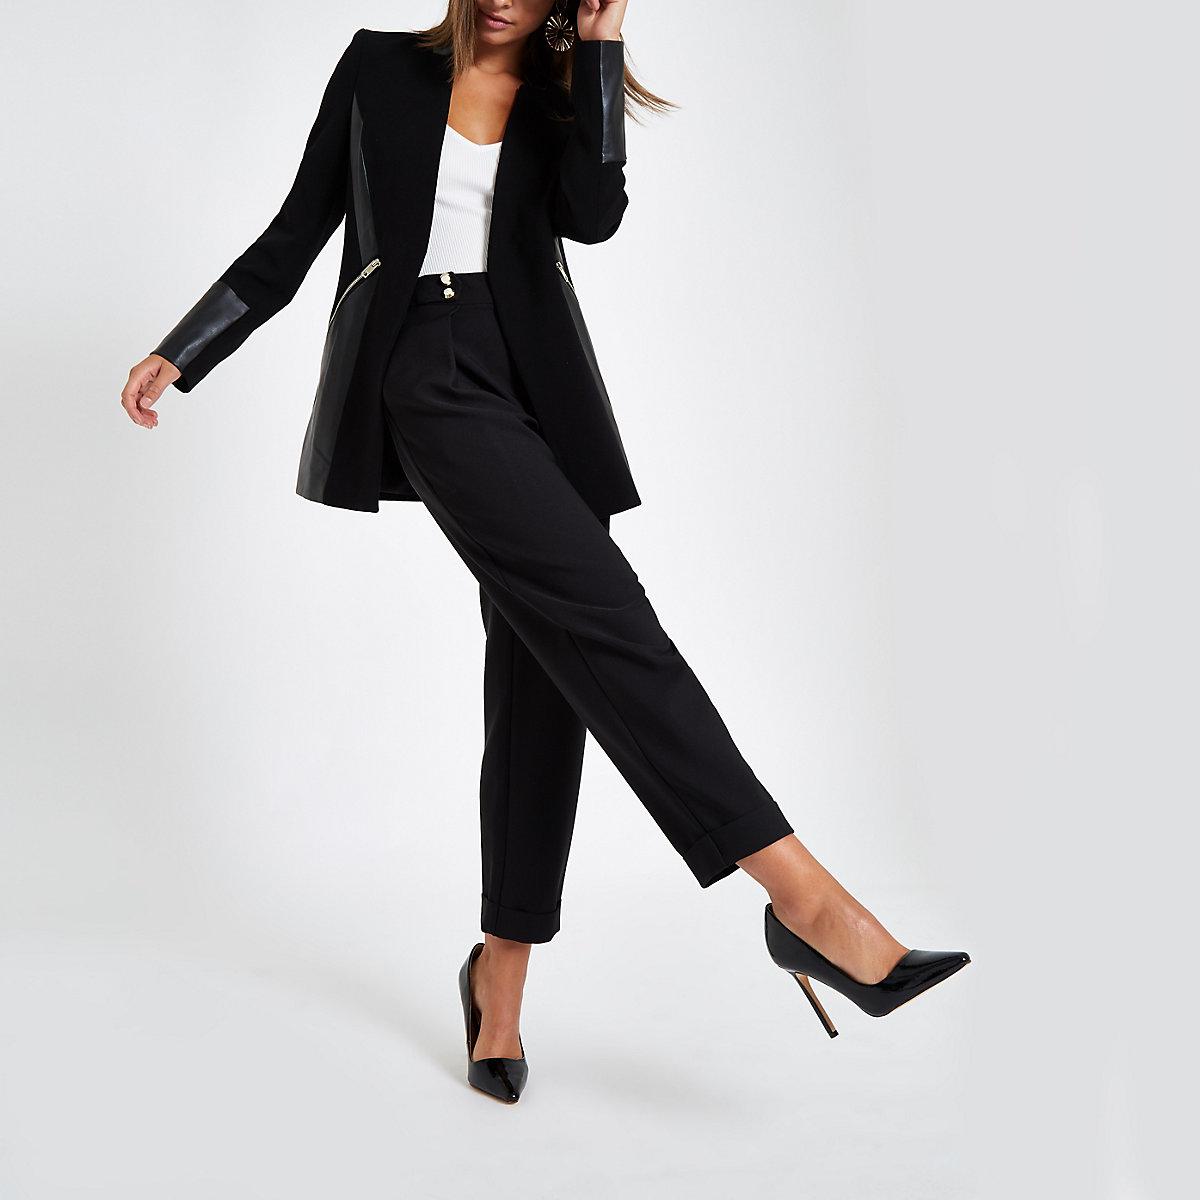 Black color block blazer